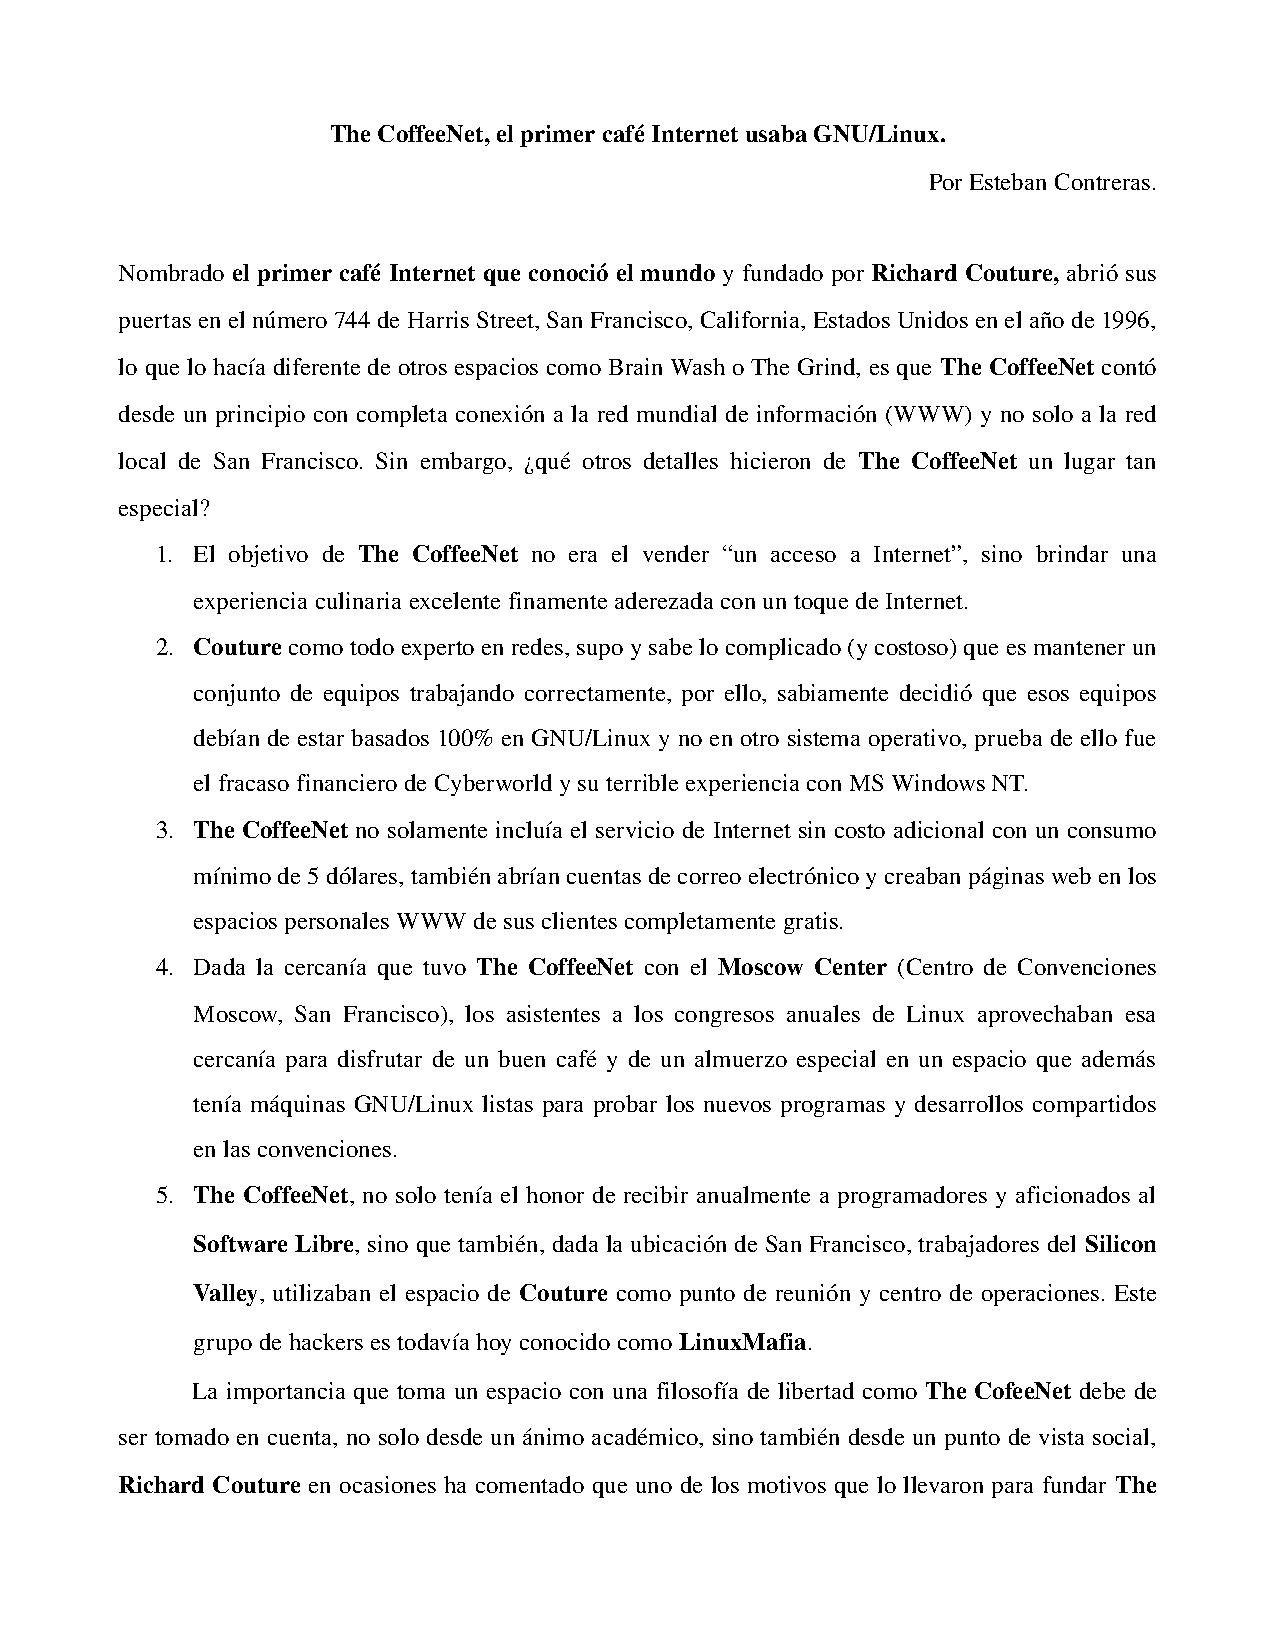 File:The CoffieNet el primer café Internet y con Linux pdf